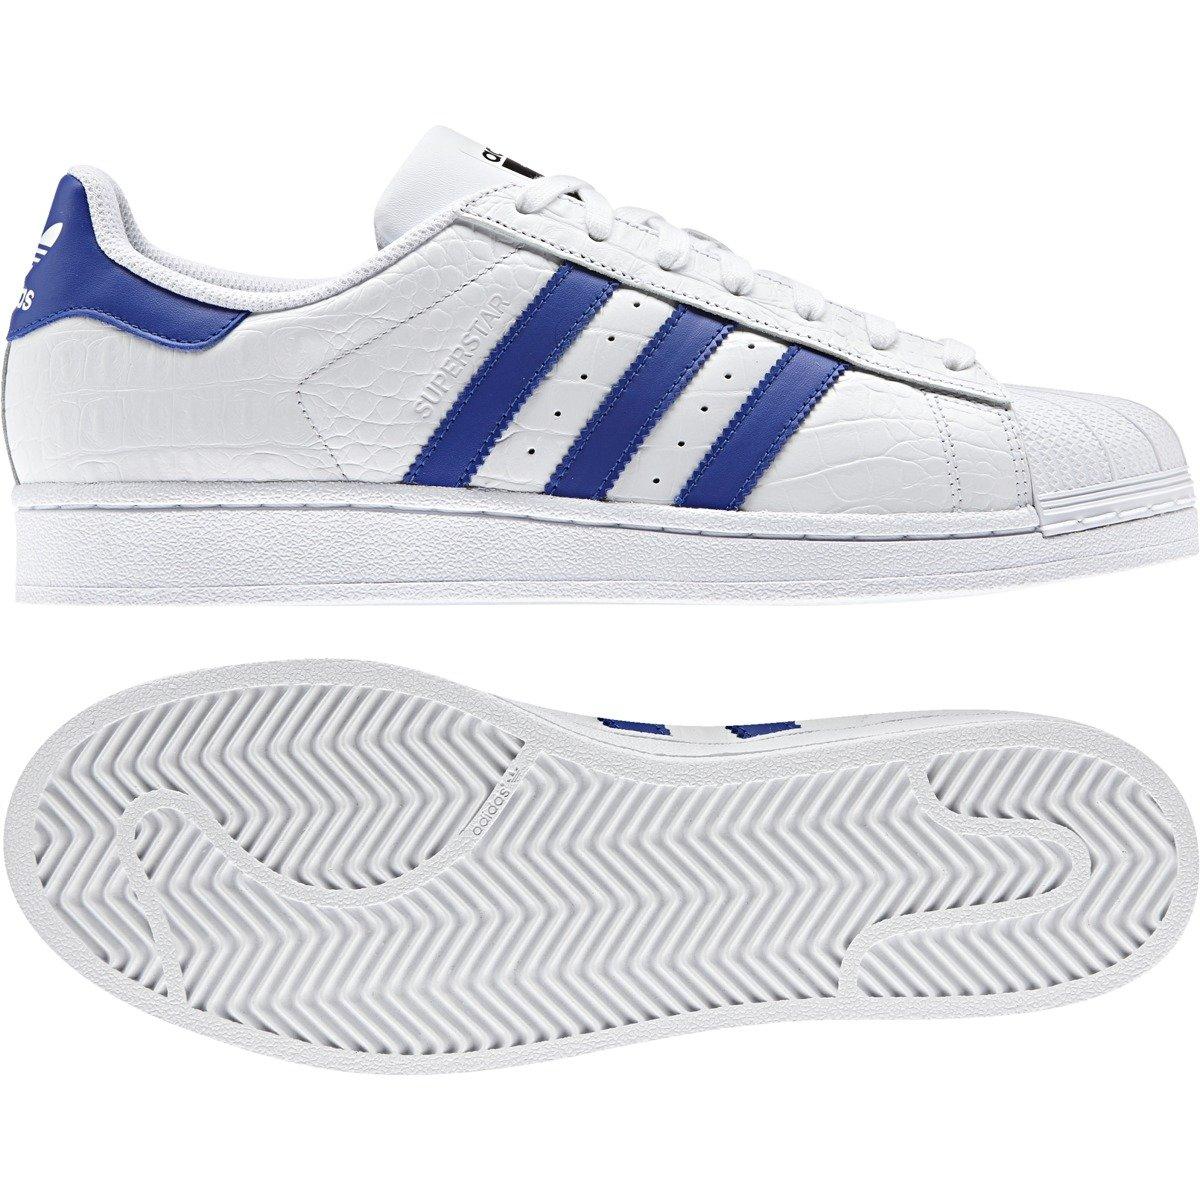 adidas originals superstar shoes bz0197 basketball shoes casual shoes sklep koszykarski. Black Bedroom Furniture Sets. Home Design Ideas